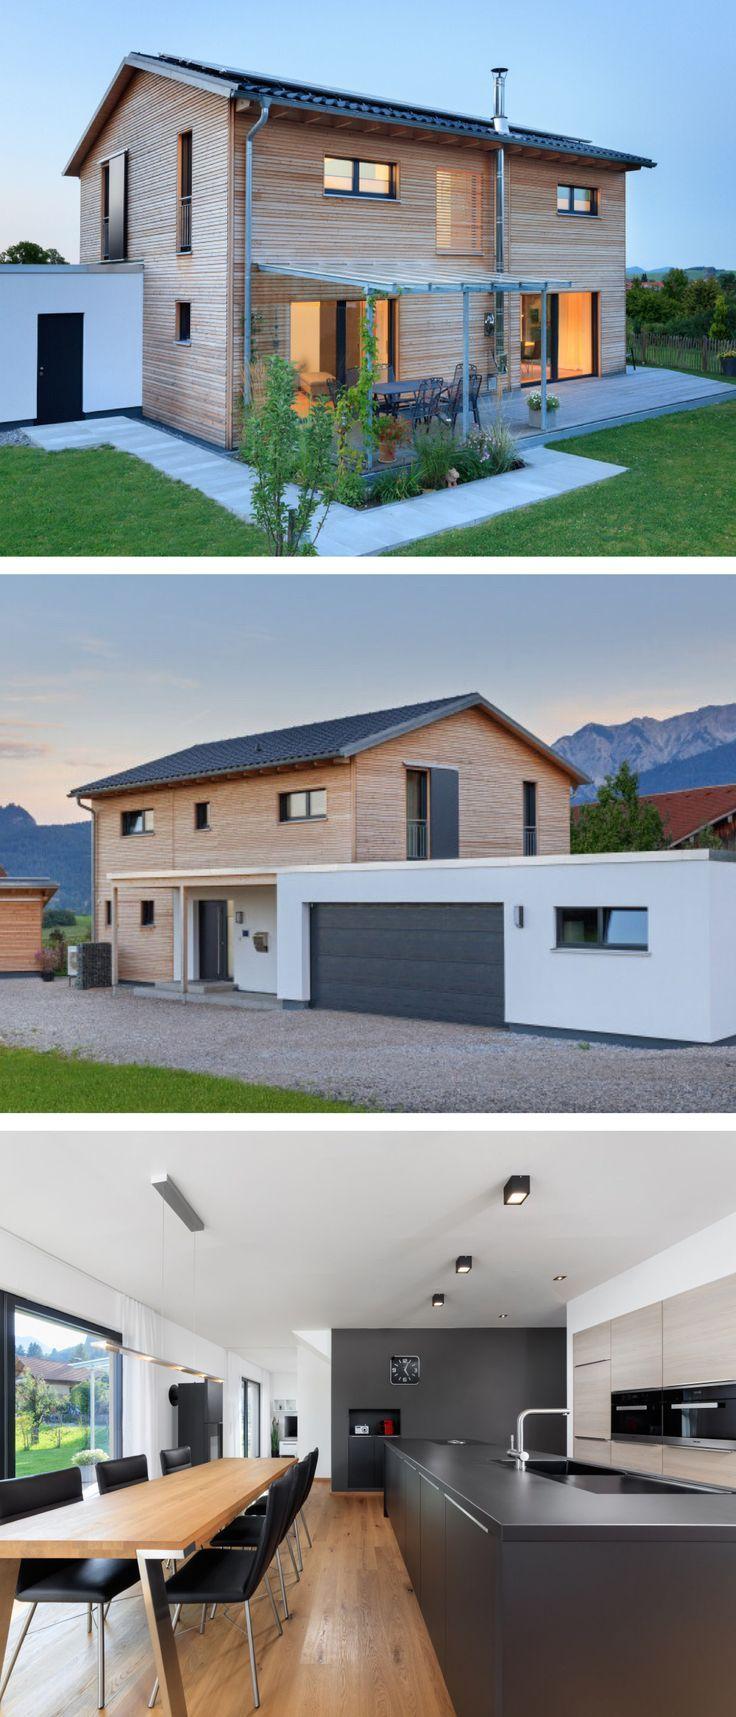 Modernes Einfamilienhaus mit Garage, Steildacharchitektur & Holzfassade – Fer   – decorationmyroom.site